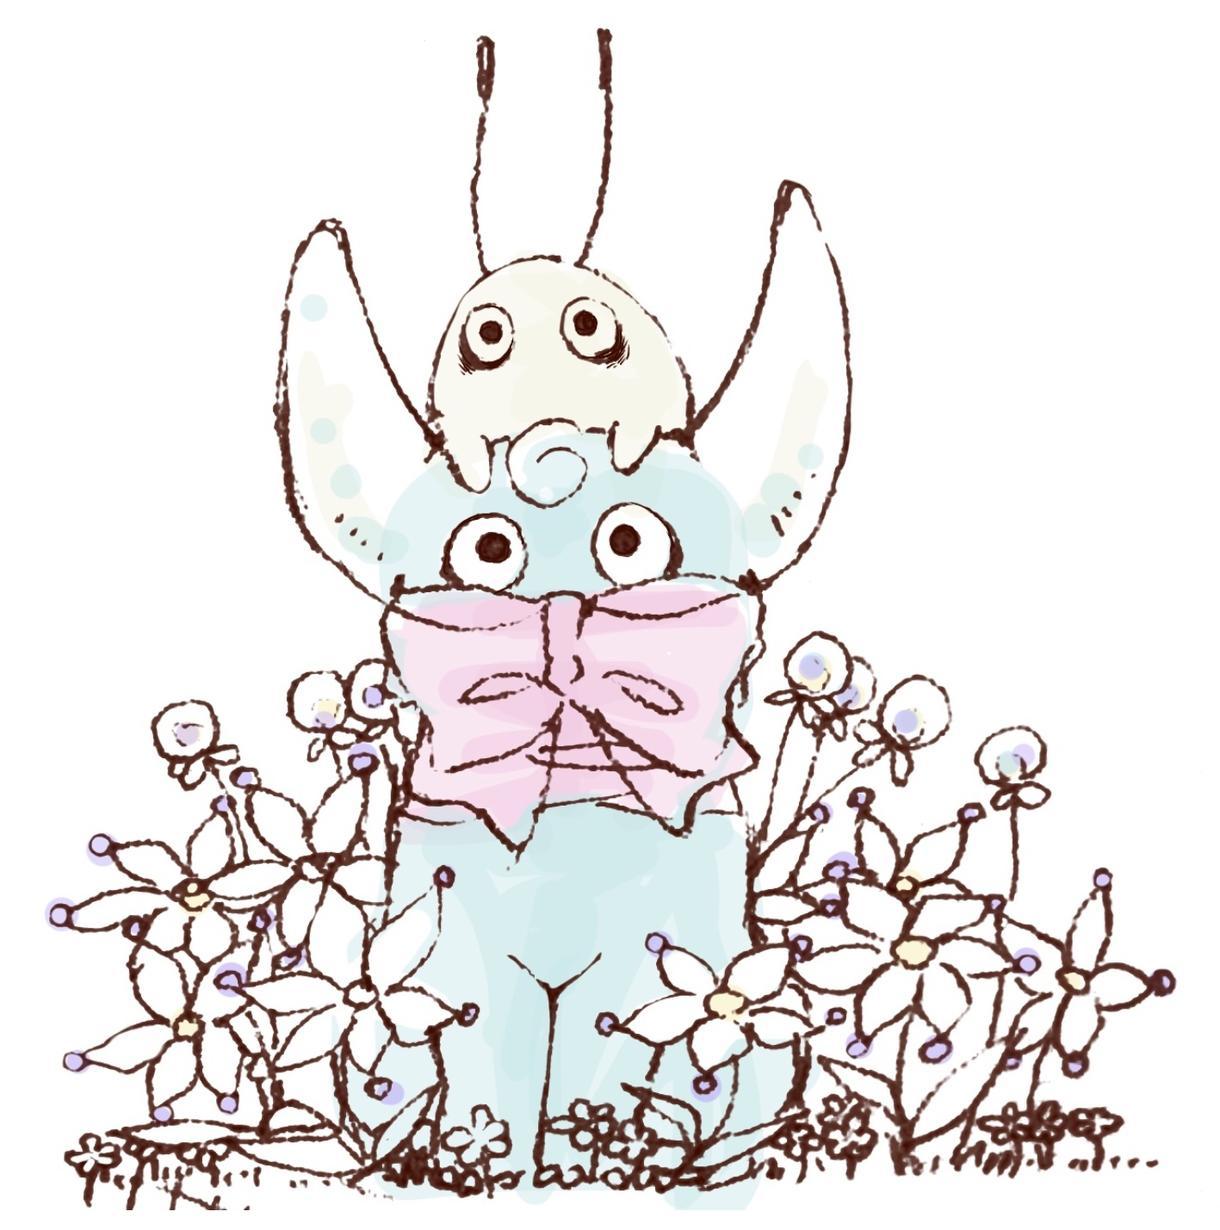 色んな生き物のオリジナルイラスト描きます 可愛い動物や不思議な生き物まで様々なイラスト!